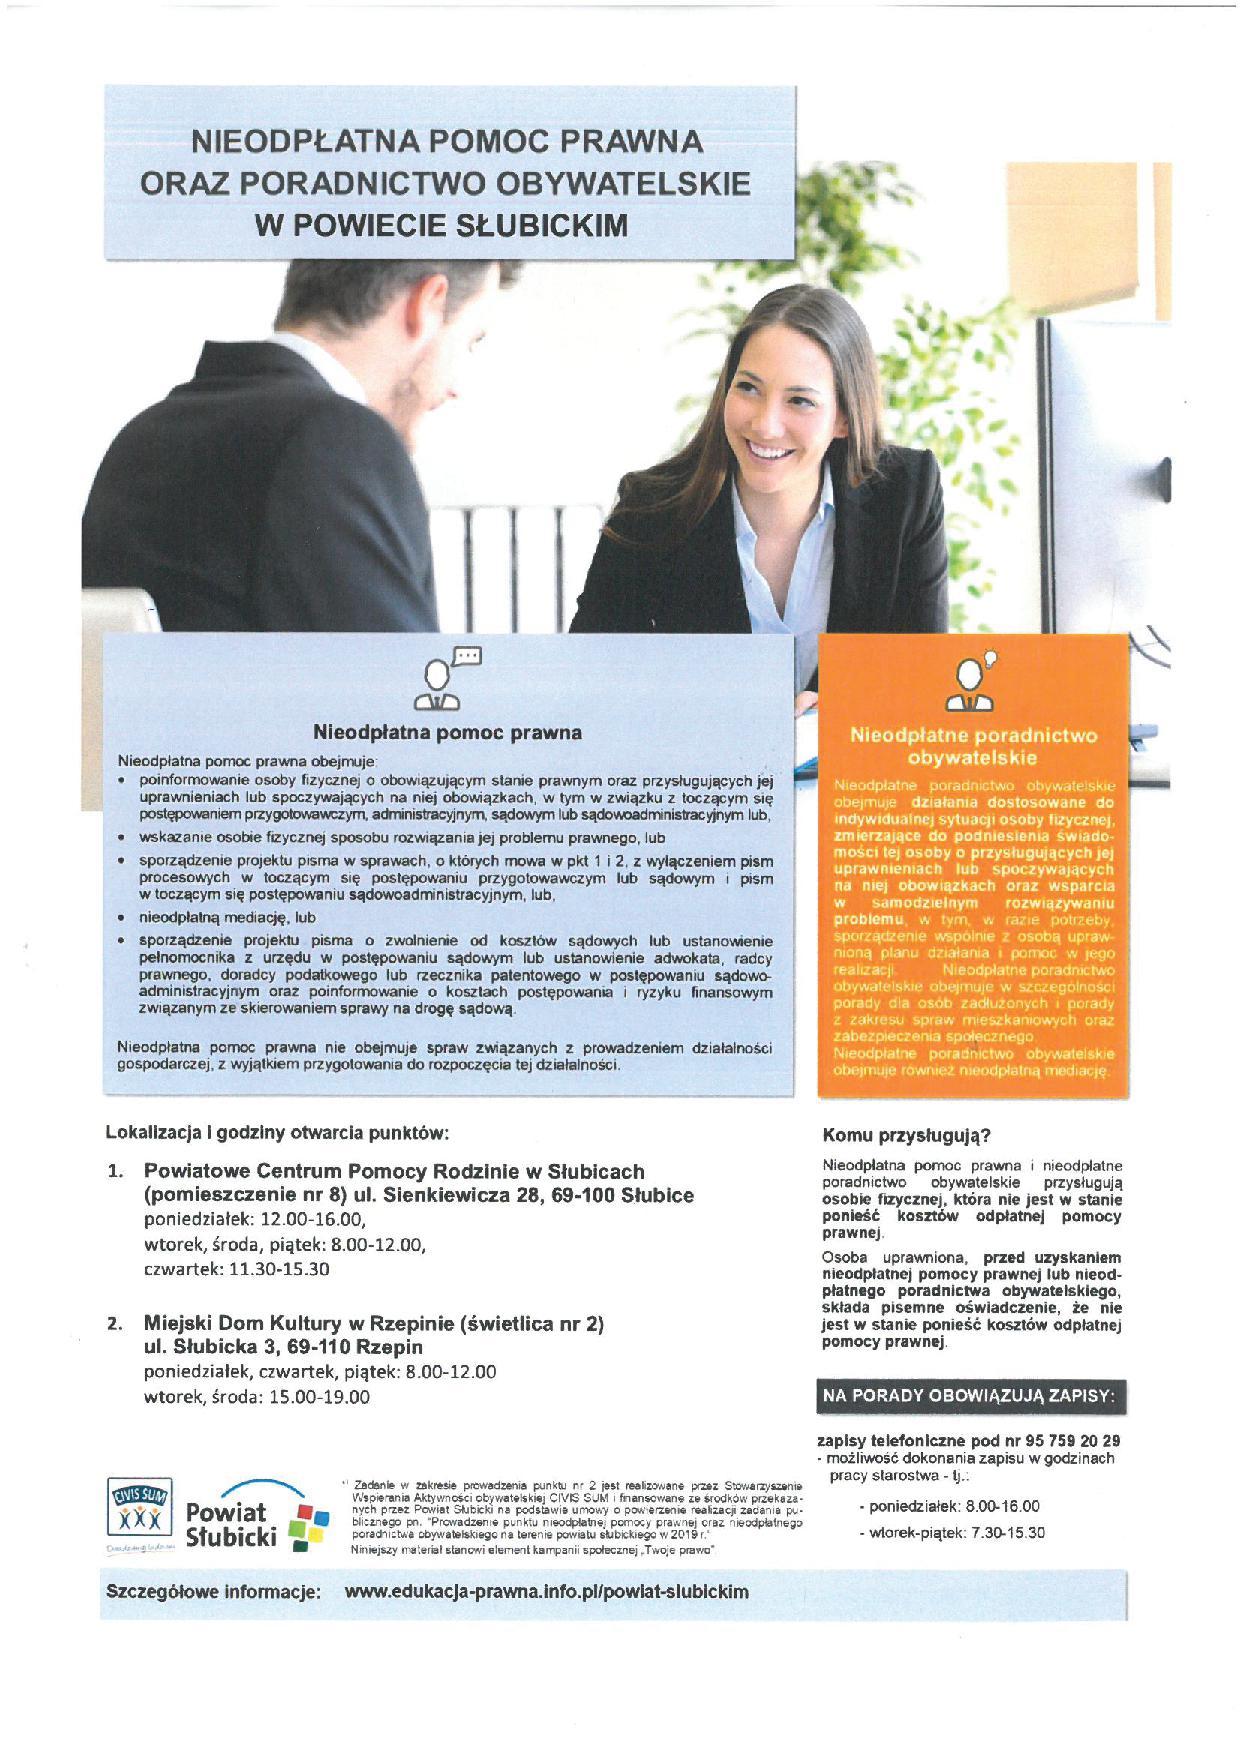 Ilustracja do informacji: Nieodpłatna pomoc prawna i poradnictwo obywatelskie w powiecie słubickim